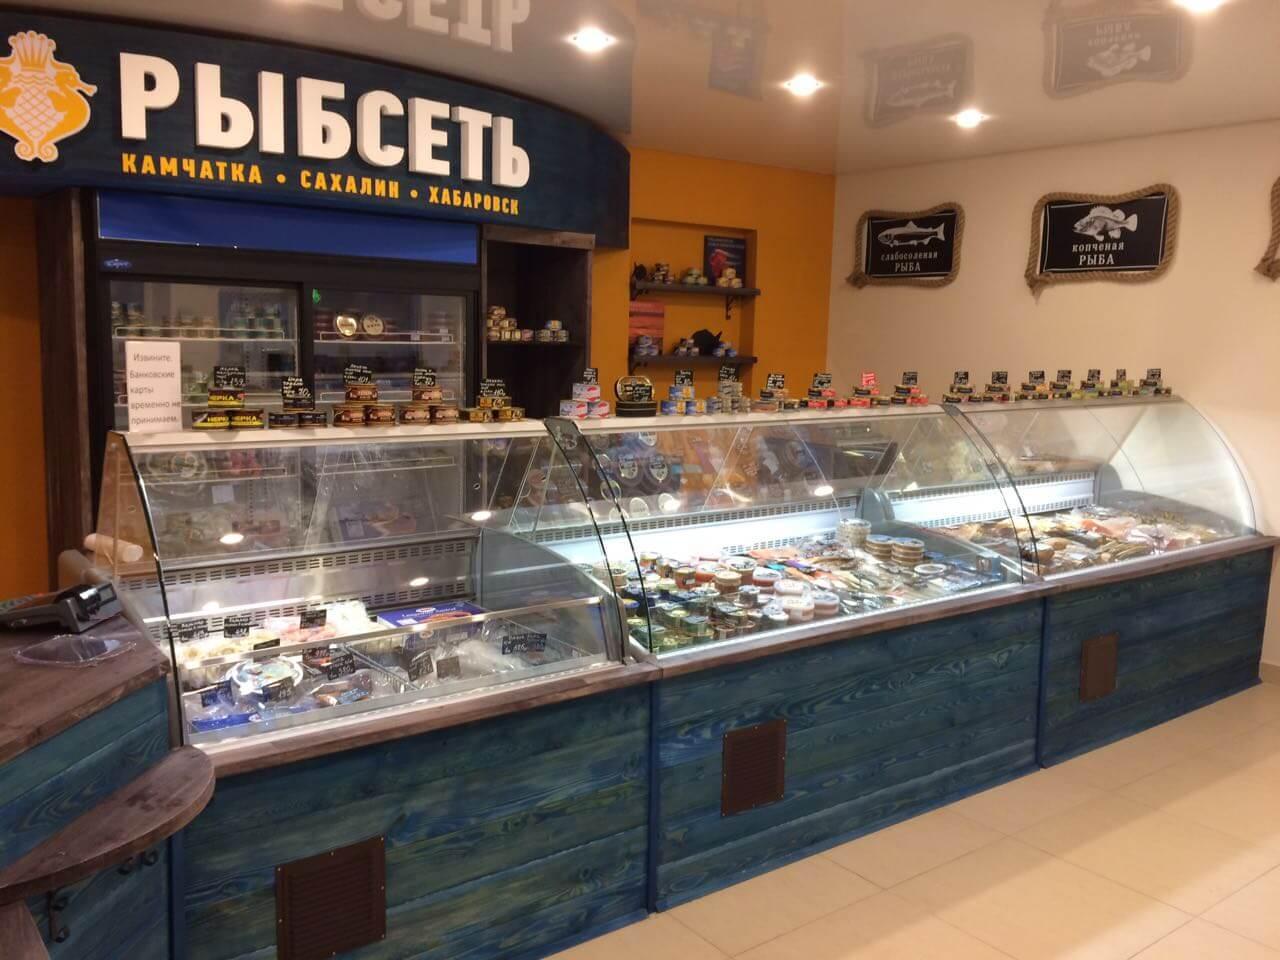 владелец фирменные рыбные магазины фото находила только родной